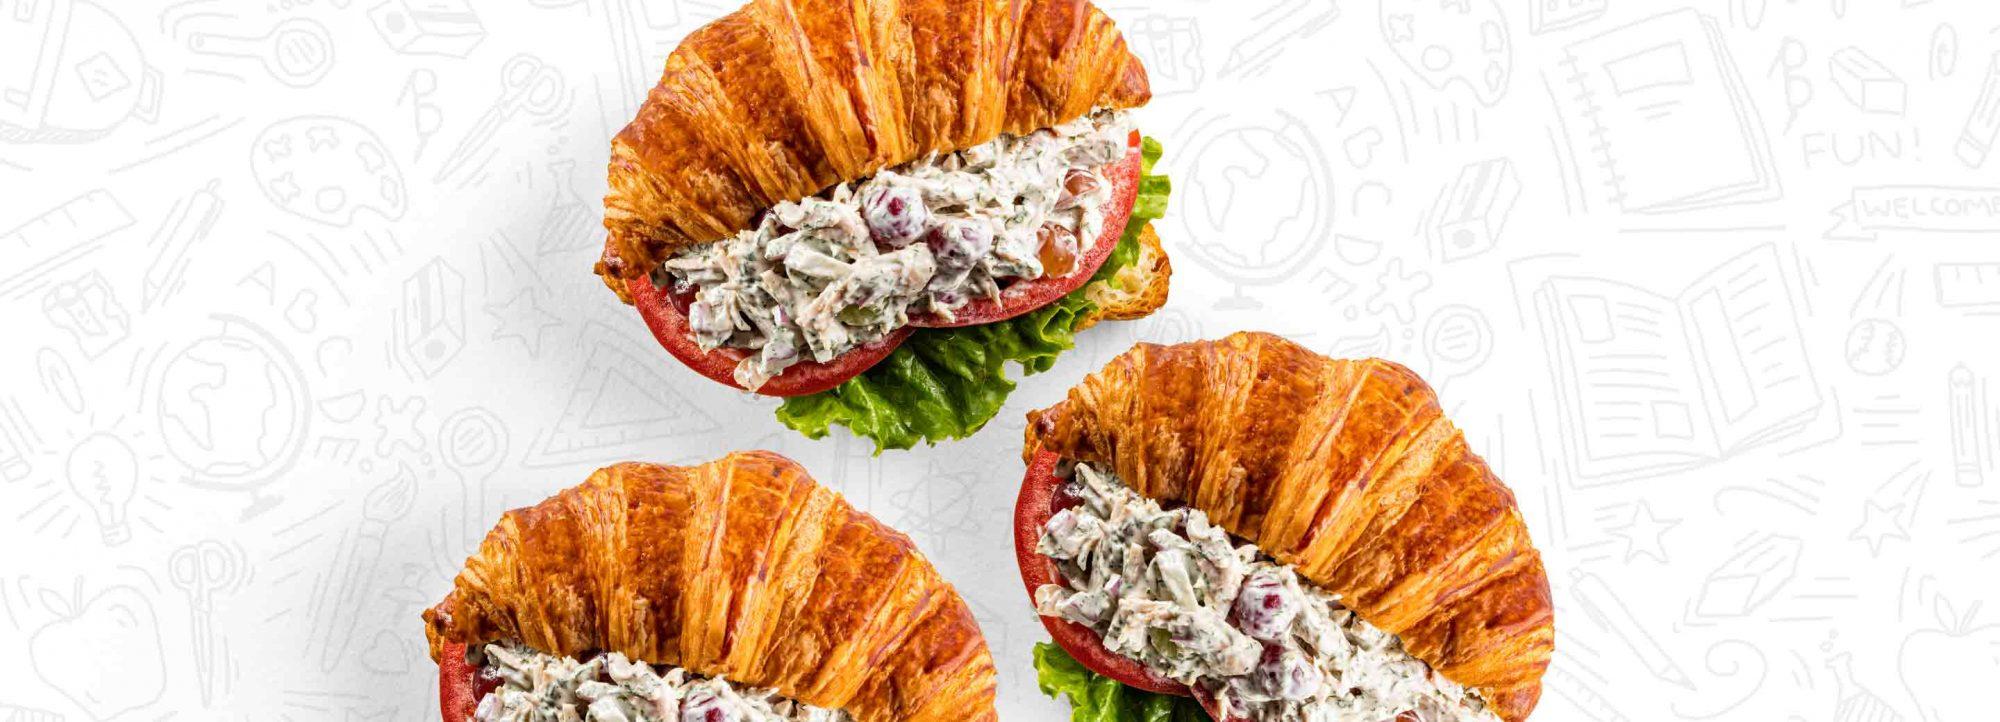 Loaded Chicken Salad Sandwich